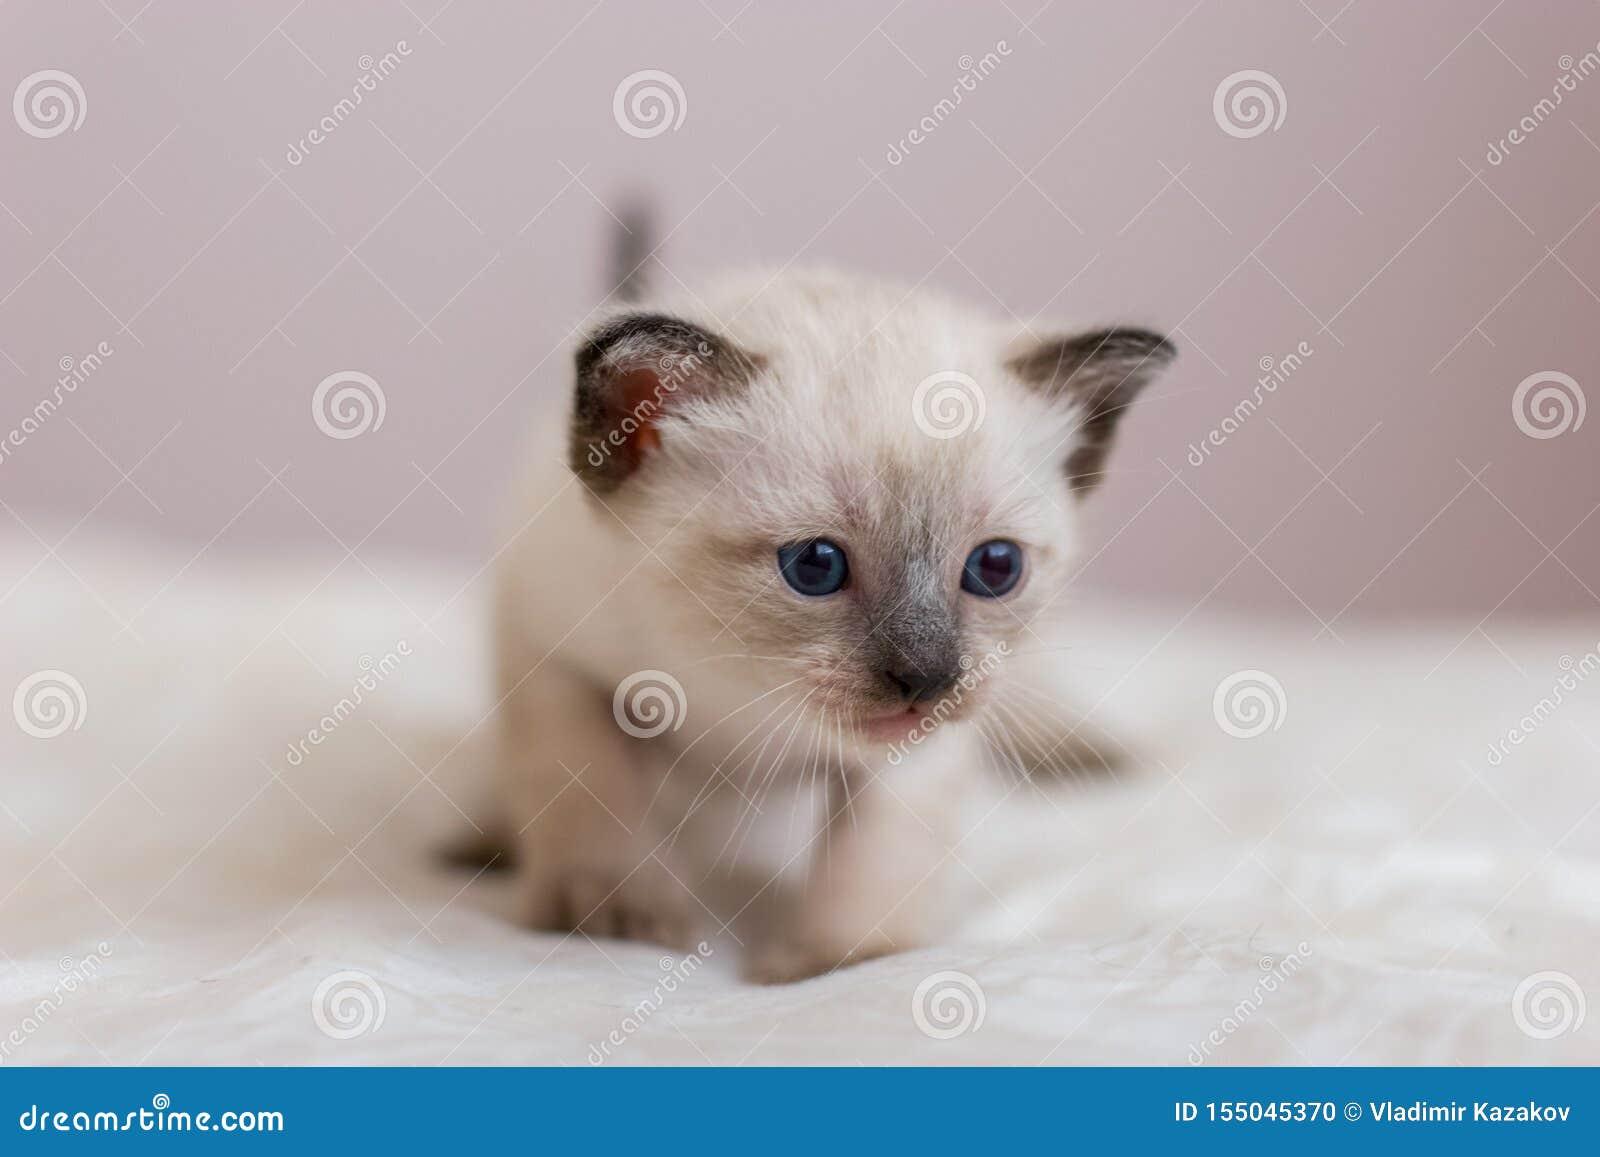 Portrait d un petit chaton siamois avec des yeux bleus, un nez brun et une longue moustache